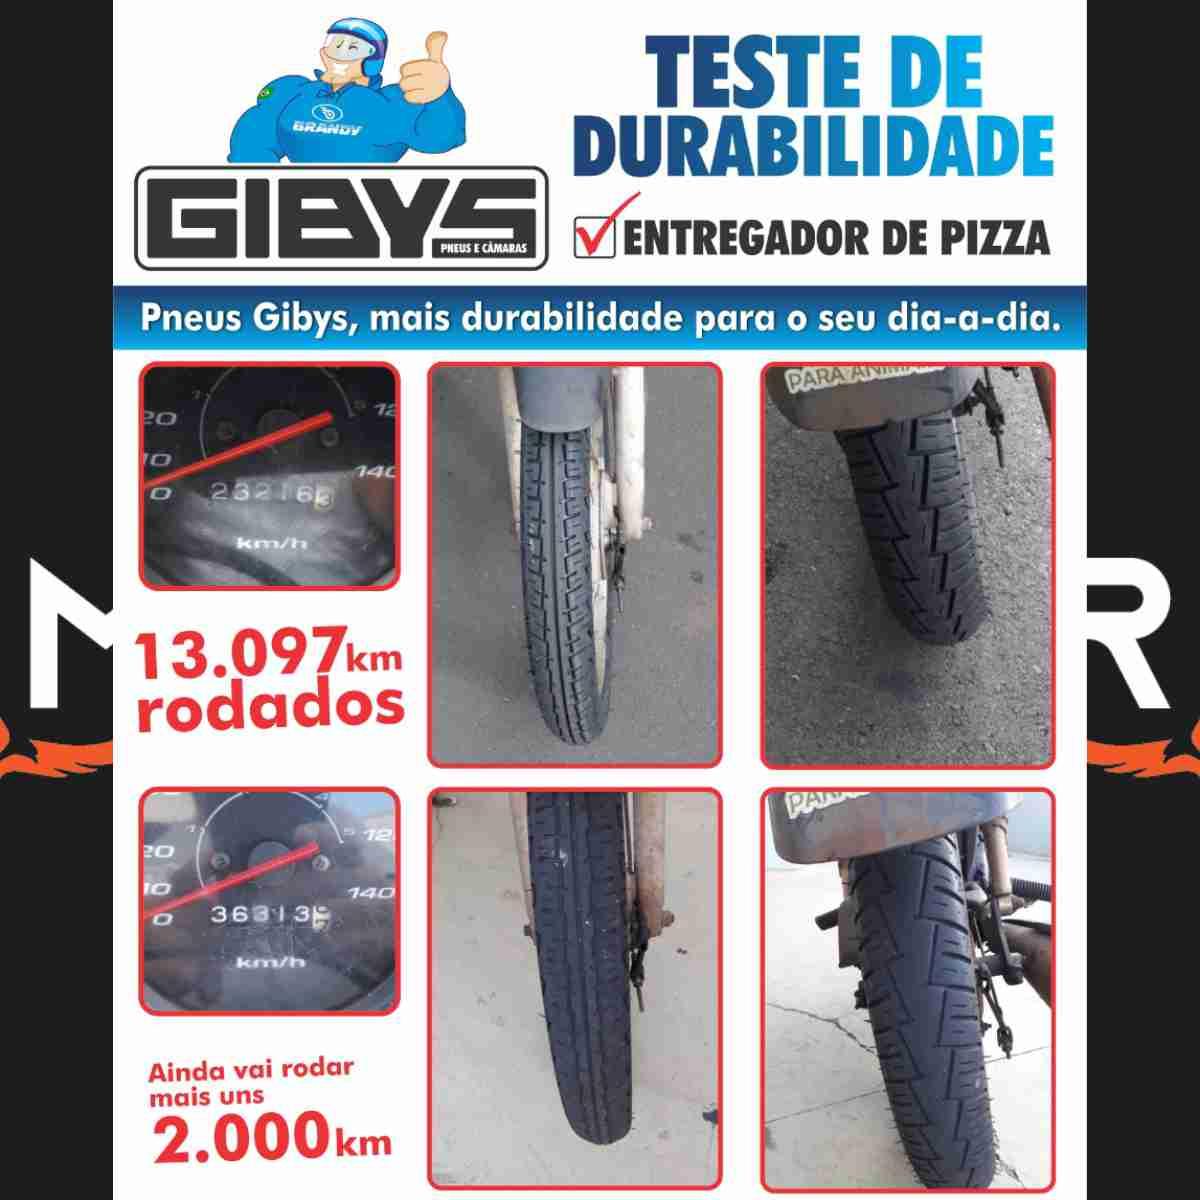 PAR DE PNEUS DE MOTO GIBYS BYCITY3 DIANTEIRO 60/100-17 + PNEU TRASEIRO 80/100-14 USO COM CÂMARA